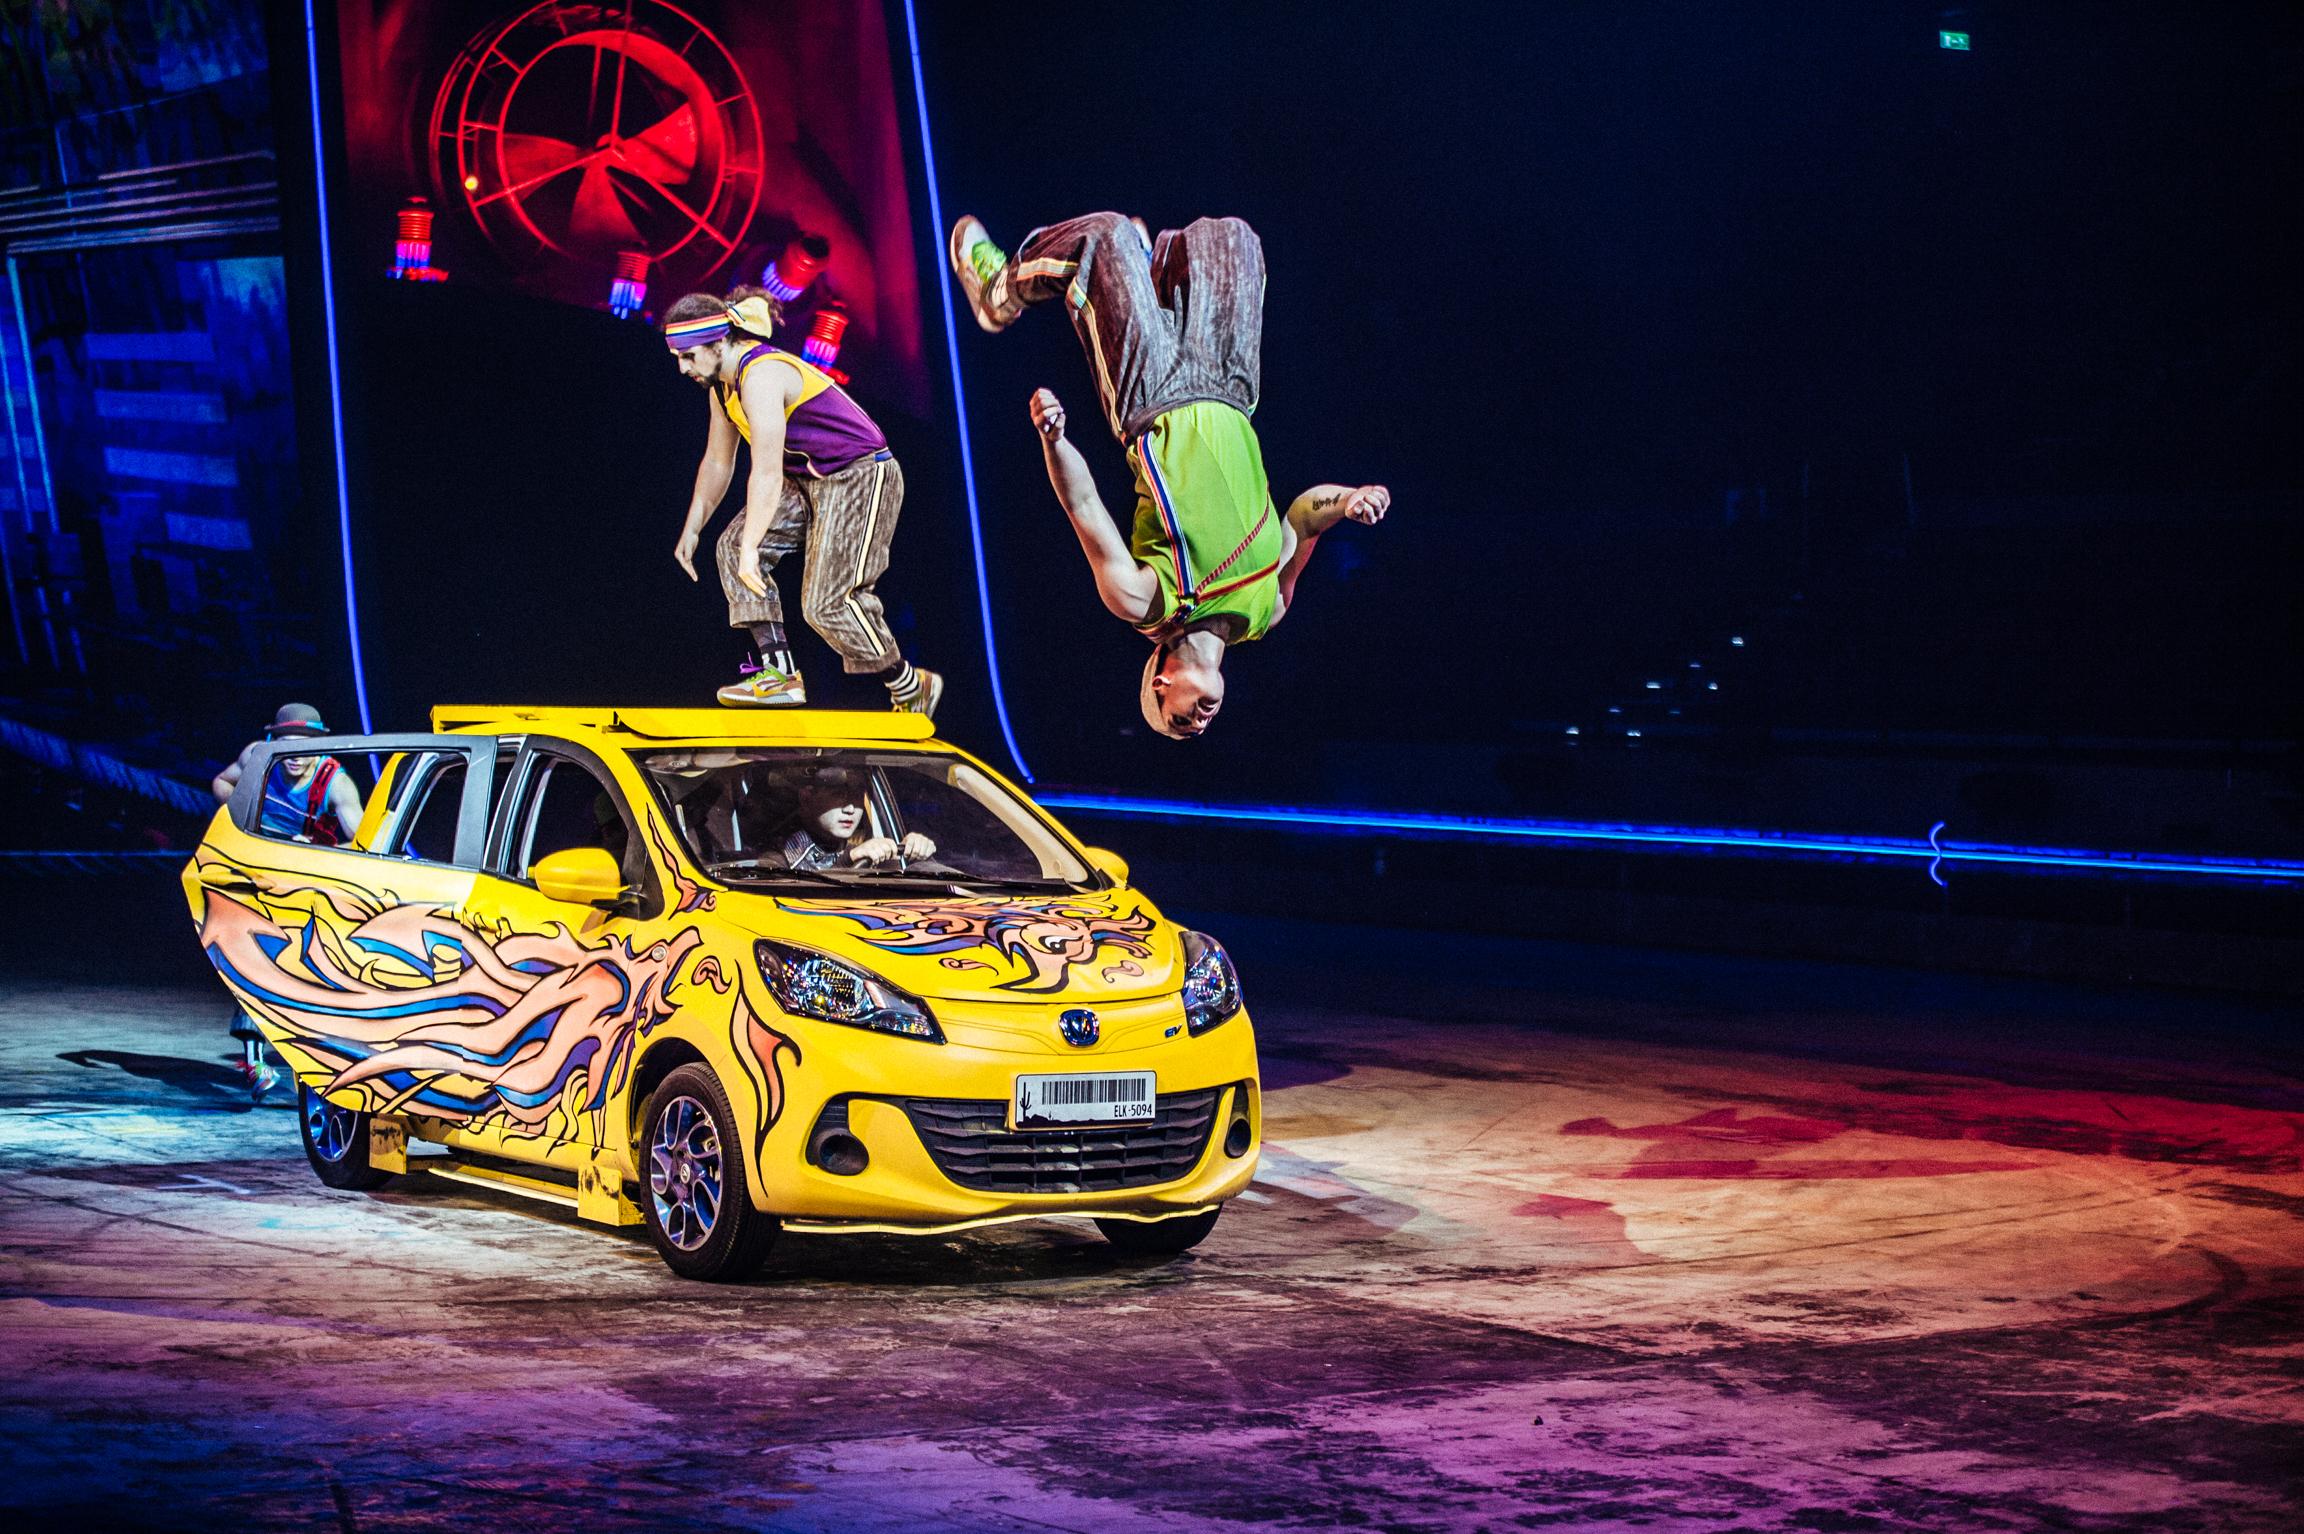 把動作片的飛車特技搬上舞台!新濠影滙狂電派。澳門最新飛車特技SHOW